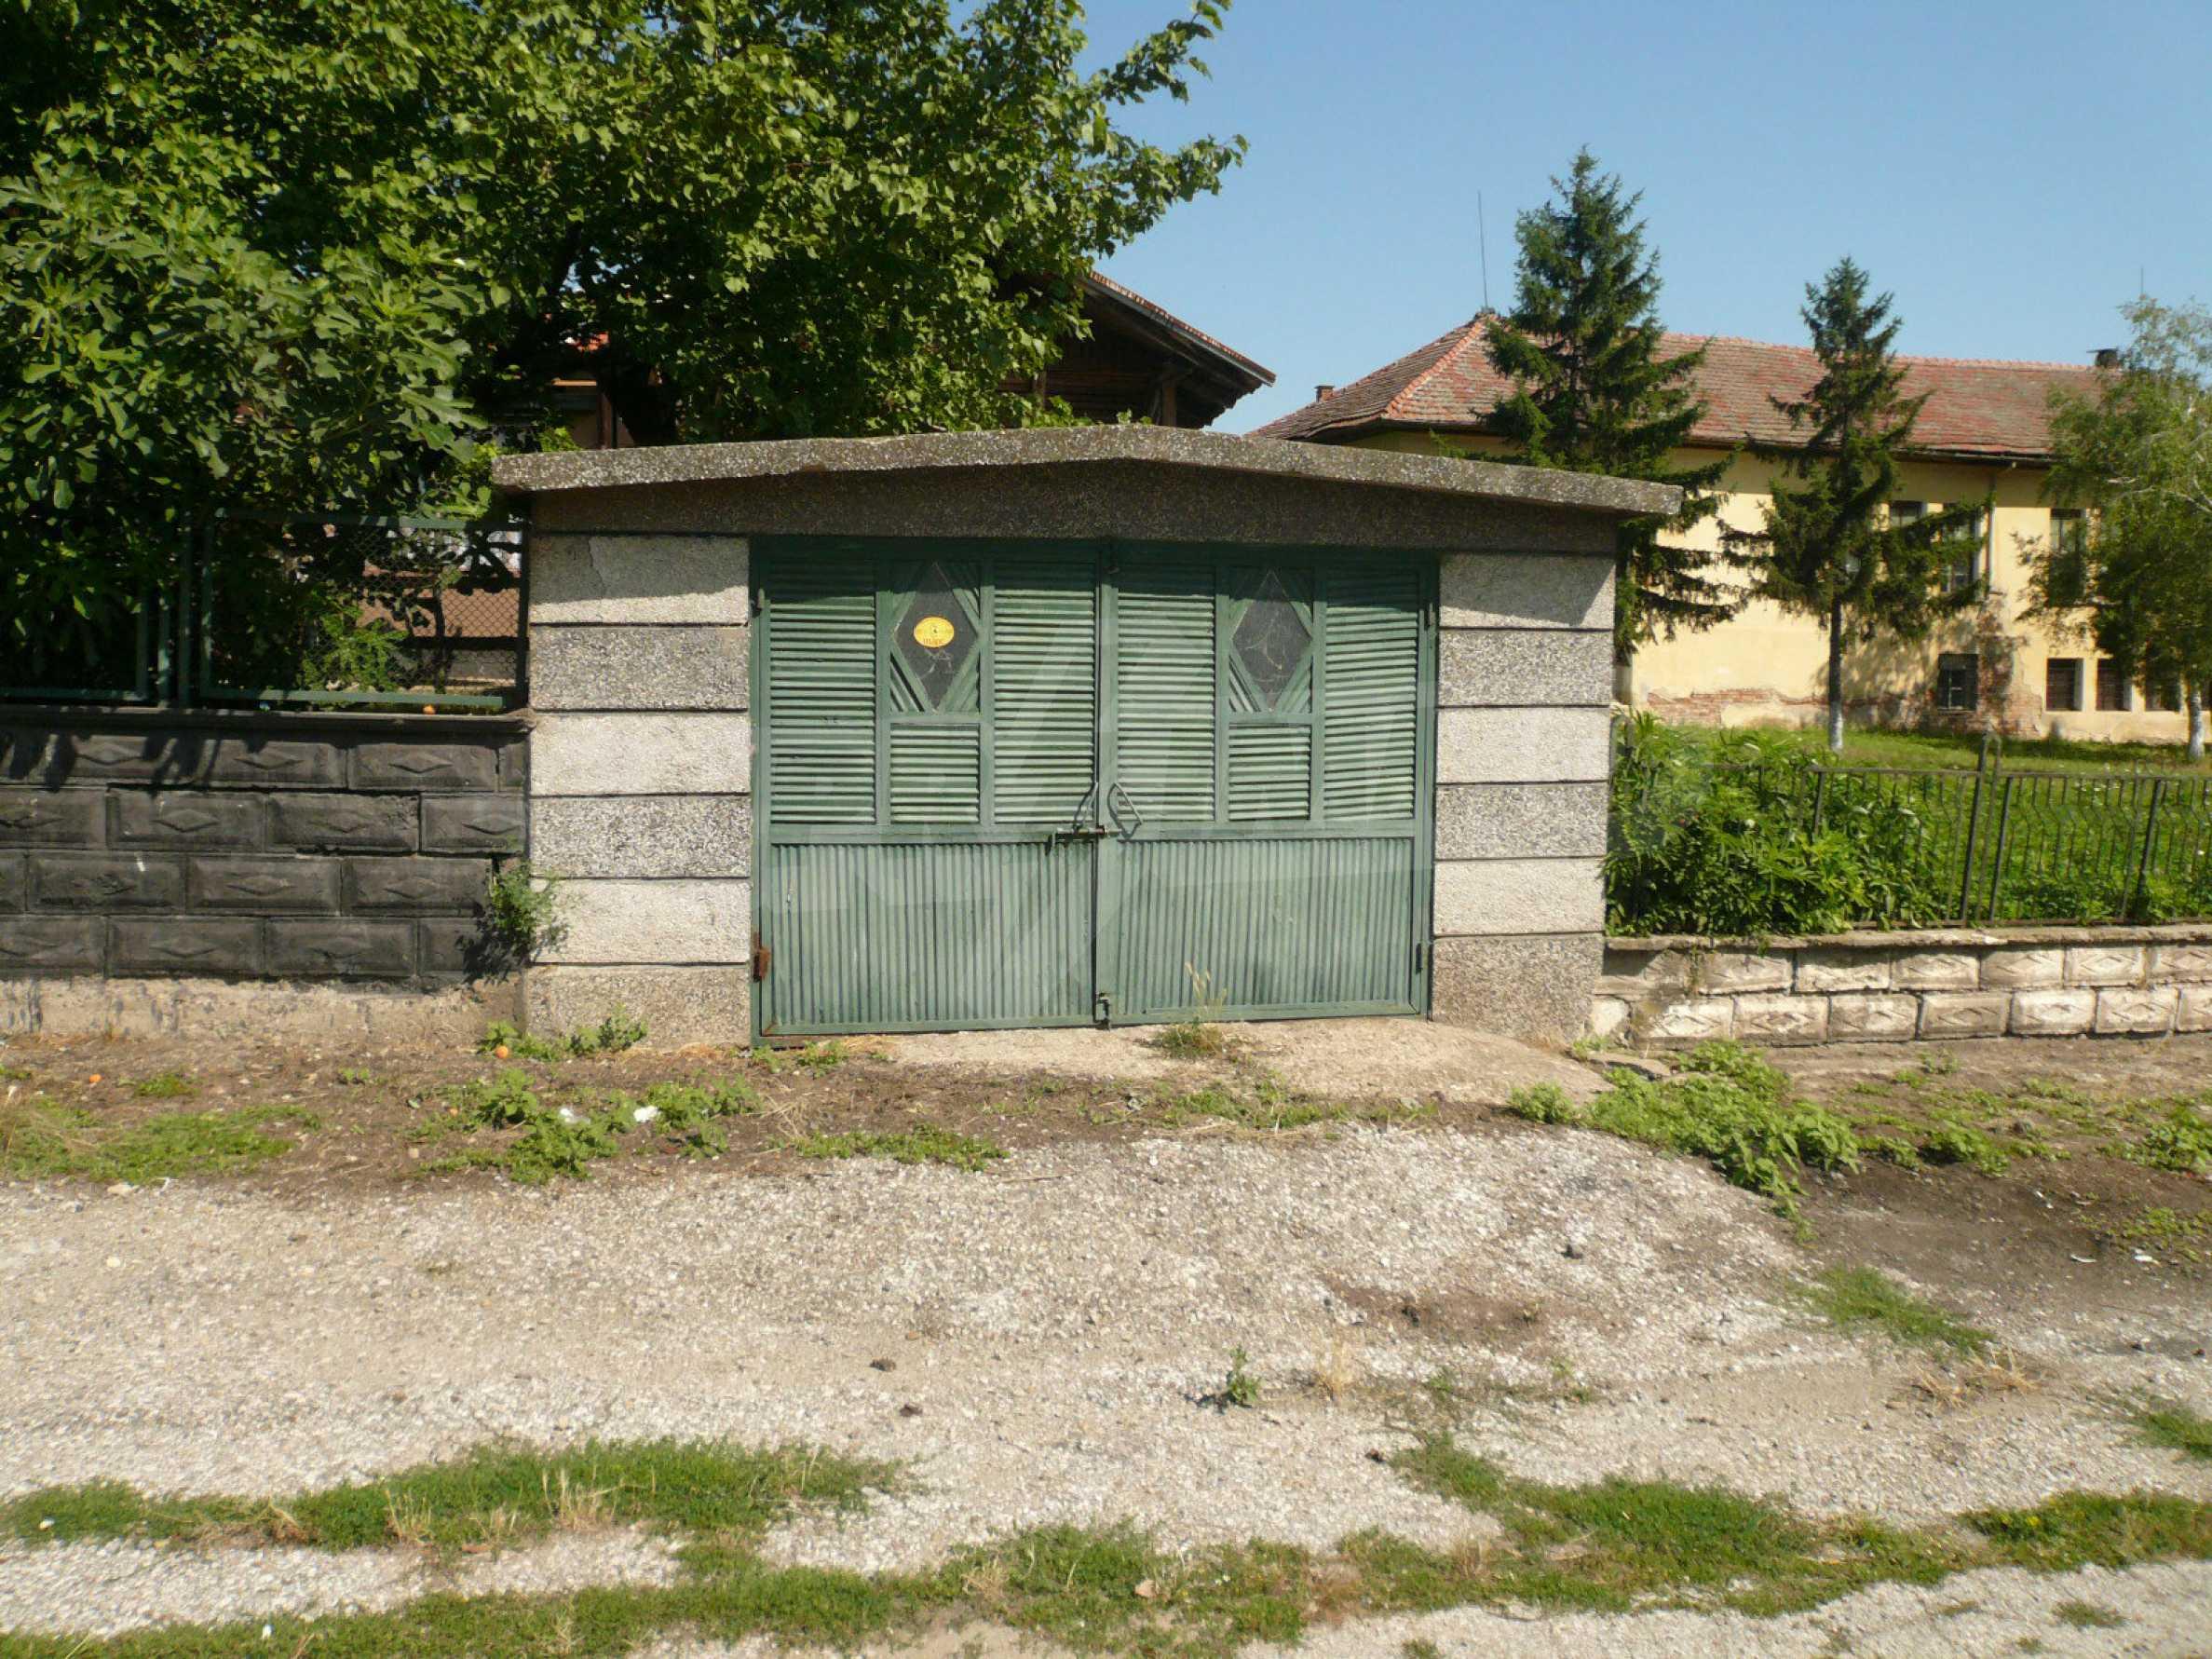 Ländliche Häuser mit einem Garten 12 km von Vidin entfernt 24